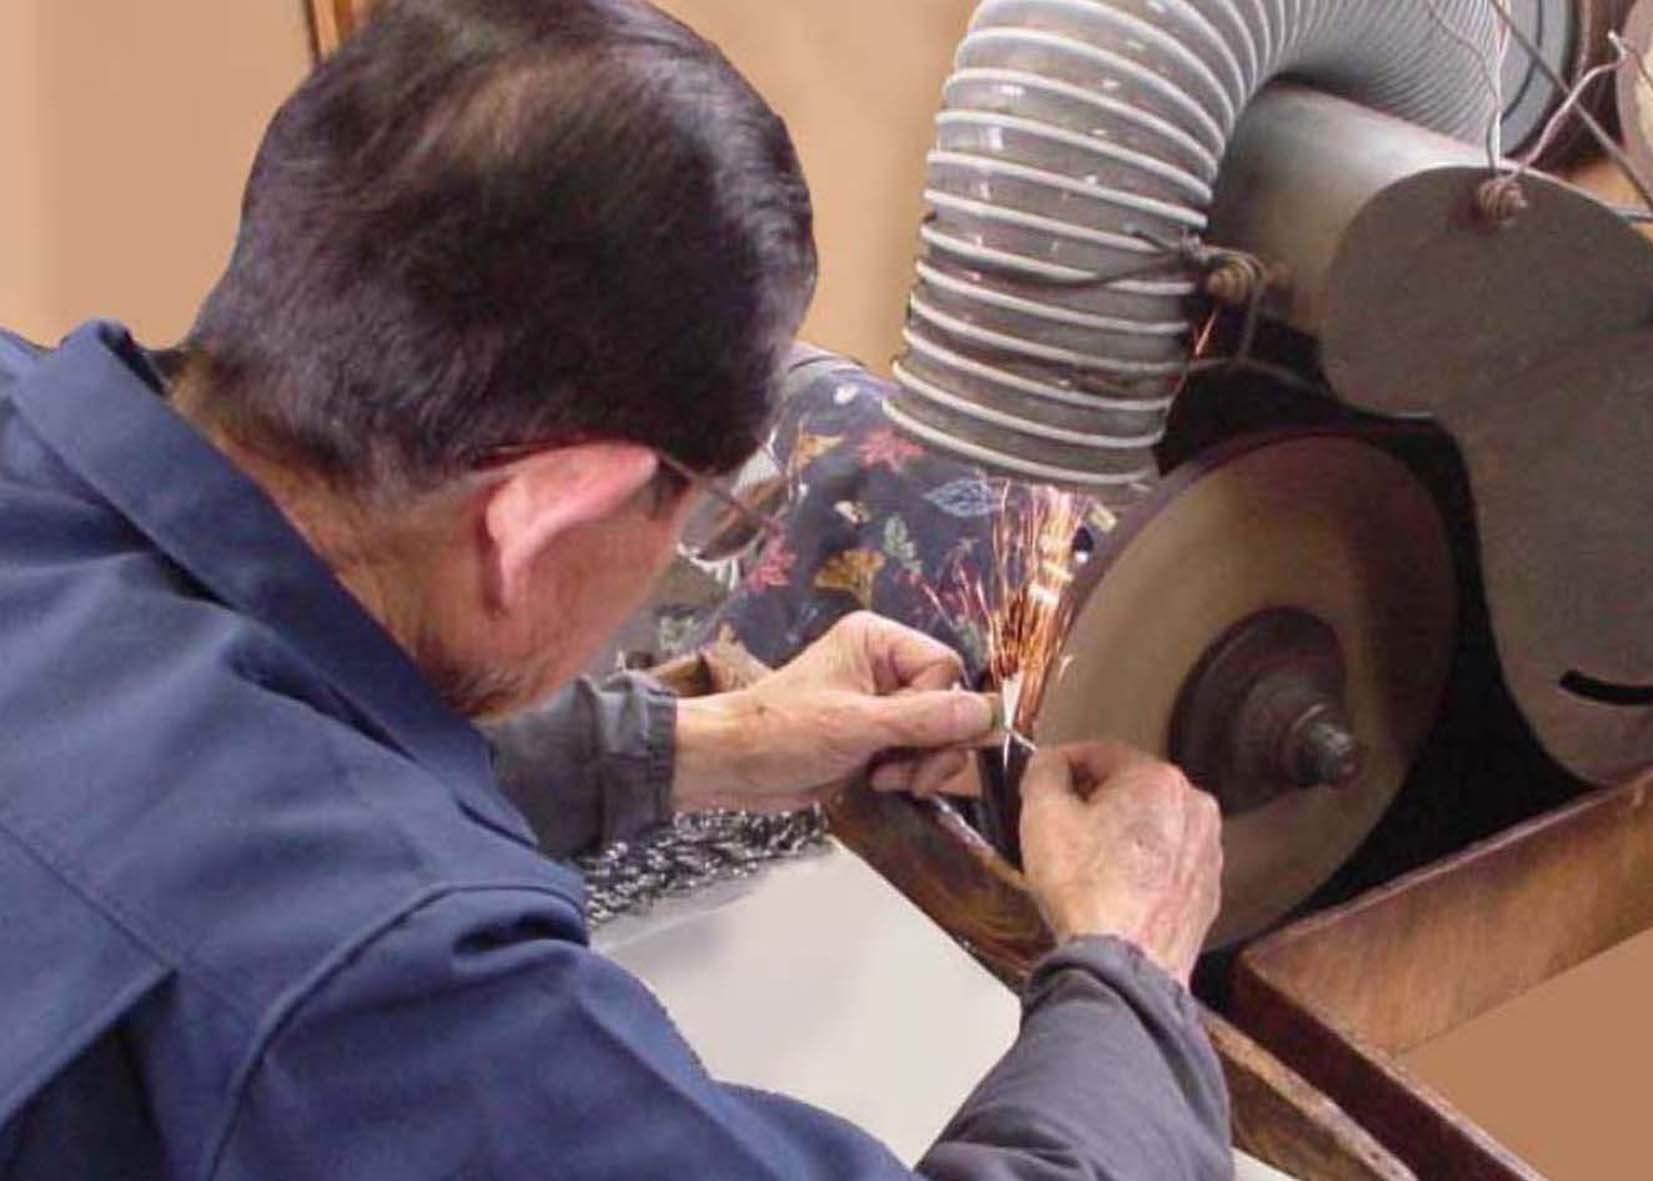 日本匠人追求高精质量的敬业精神令人感佩